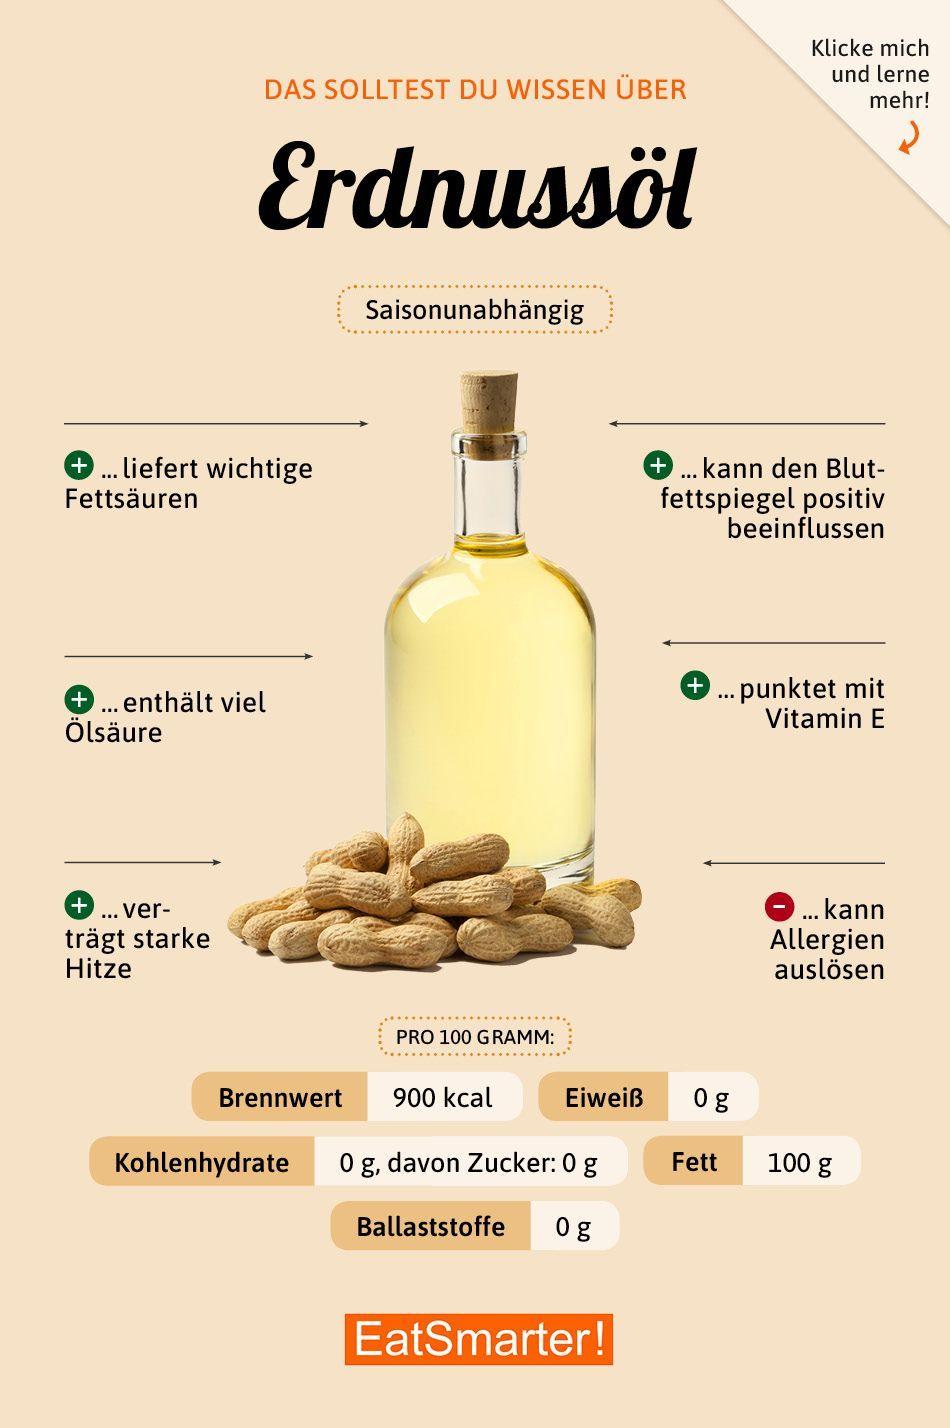 peanut oil -  You should know this about peanut oil! | eatsmarter.de #nutrition #infographic #peanut...